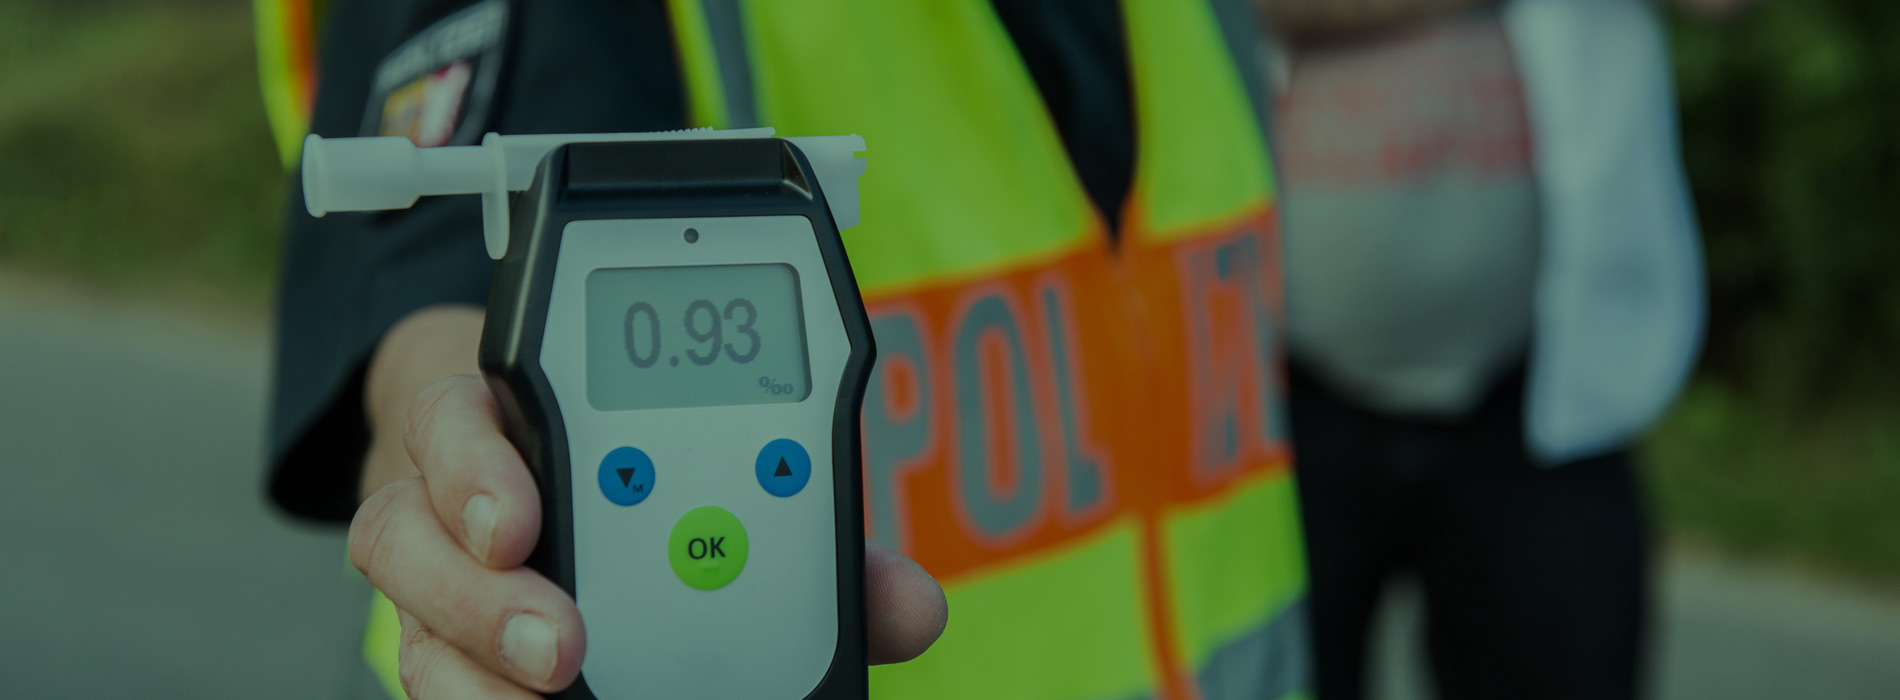 Sie haben Ihren Führerschein wegen Alkohol/Drogen oder Punkten in Flensburg verloren.